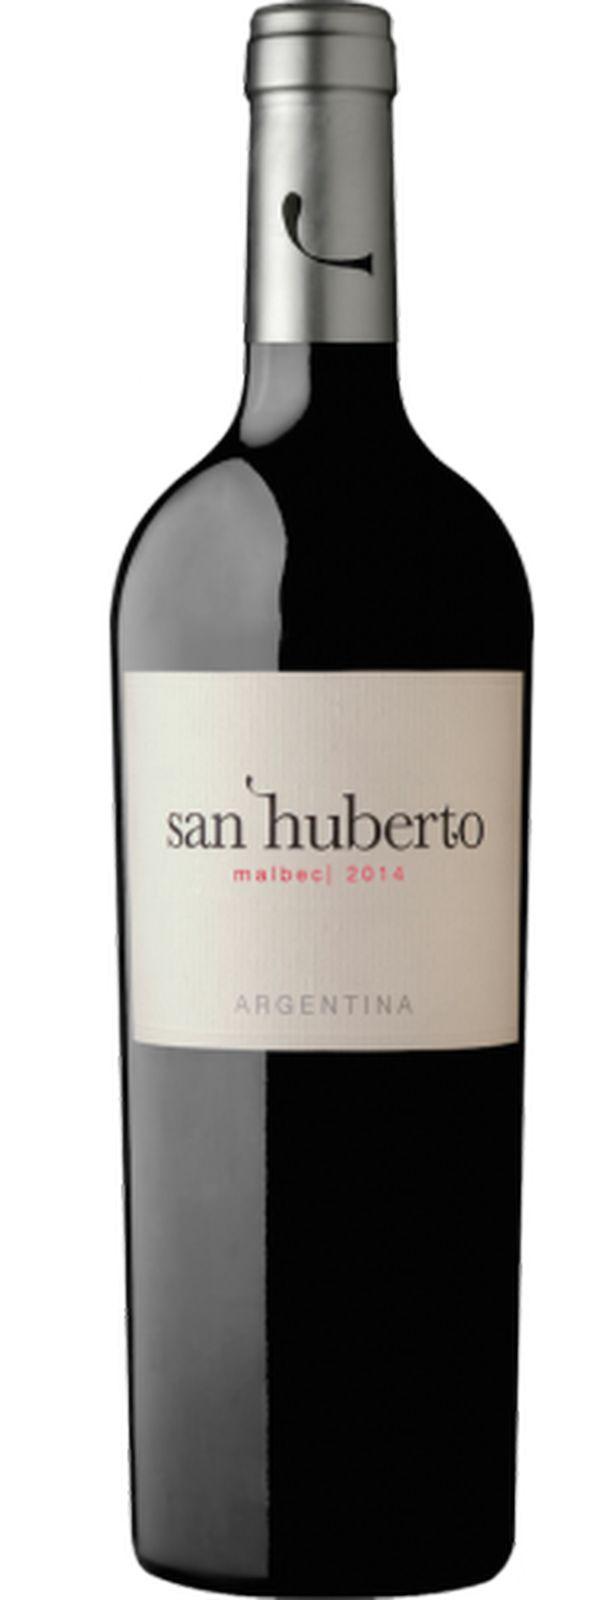 san-huberto-malbec-la-rioja_bottle-500x500.jpg